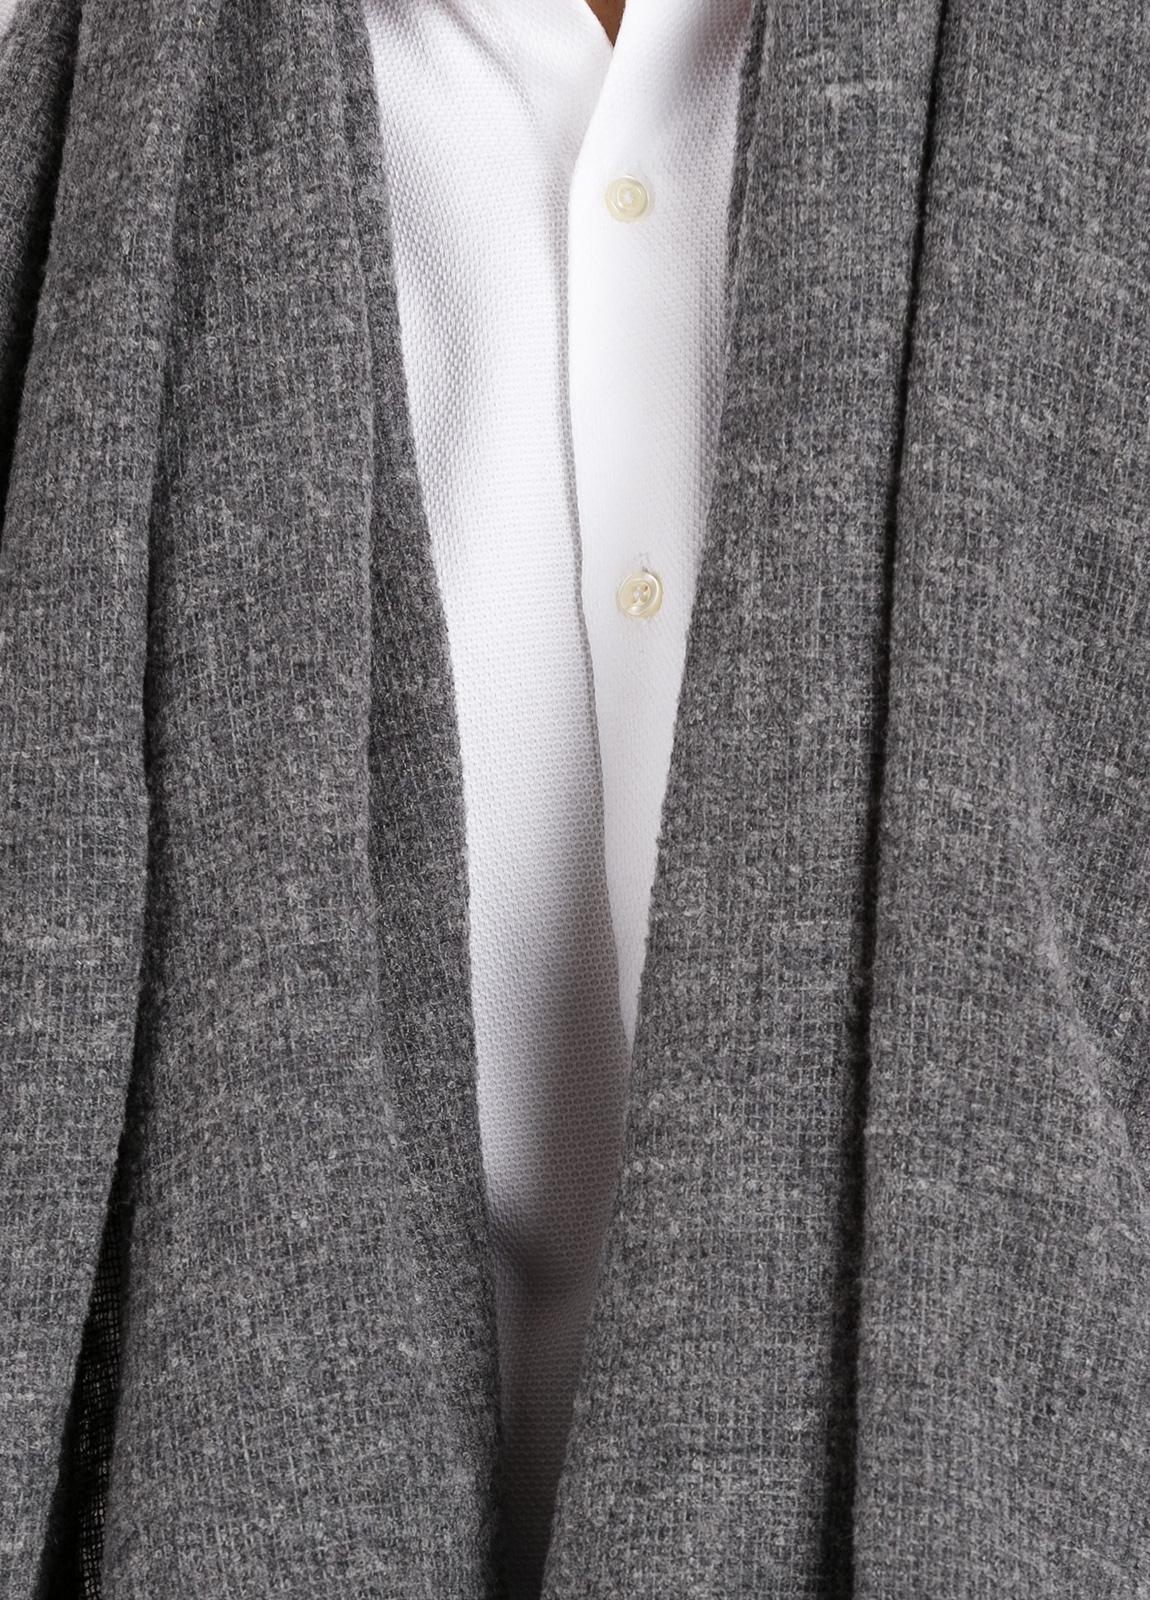 Foulard liso color gris 70 x 200 cm. 75% Lana 25% Poliamida. - Ítem1